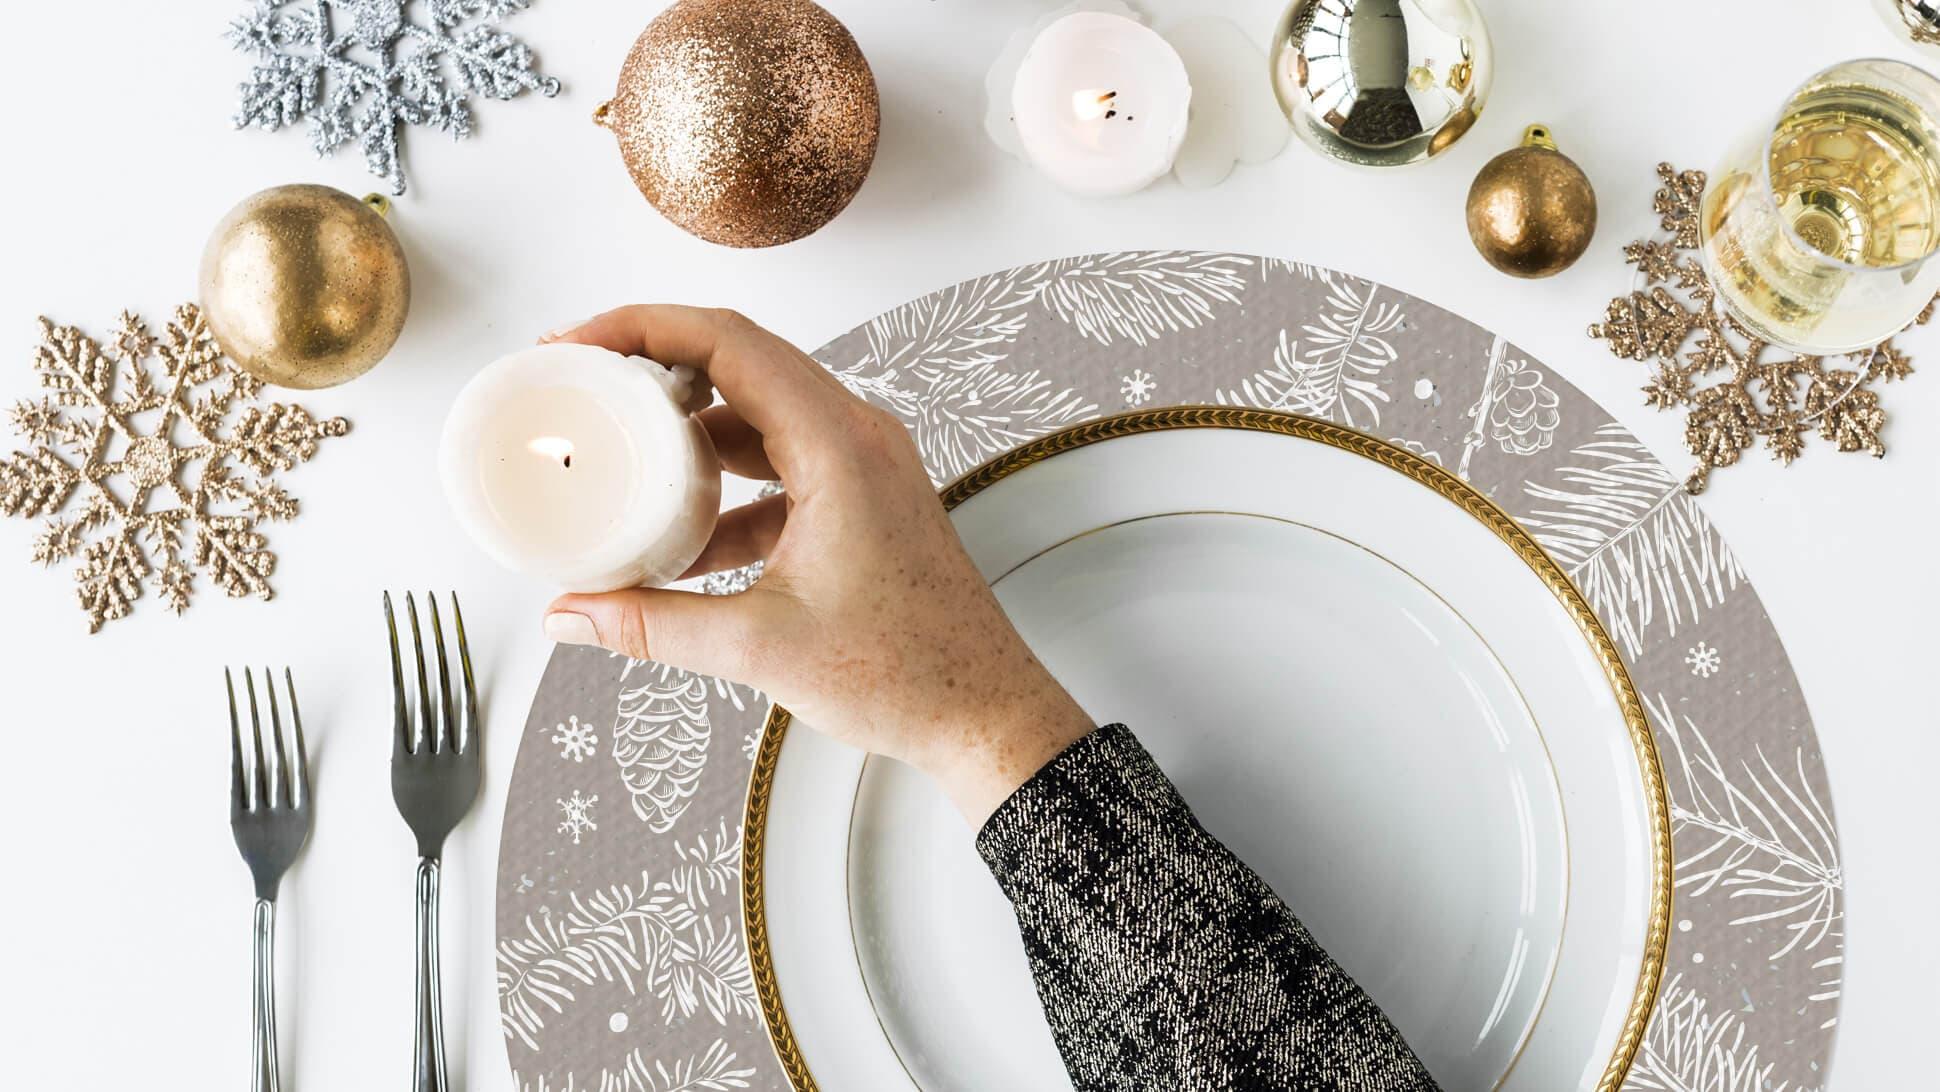 Tovaglietta natalizia minimal per tavole eleganti | tictac.it